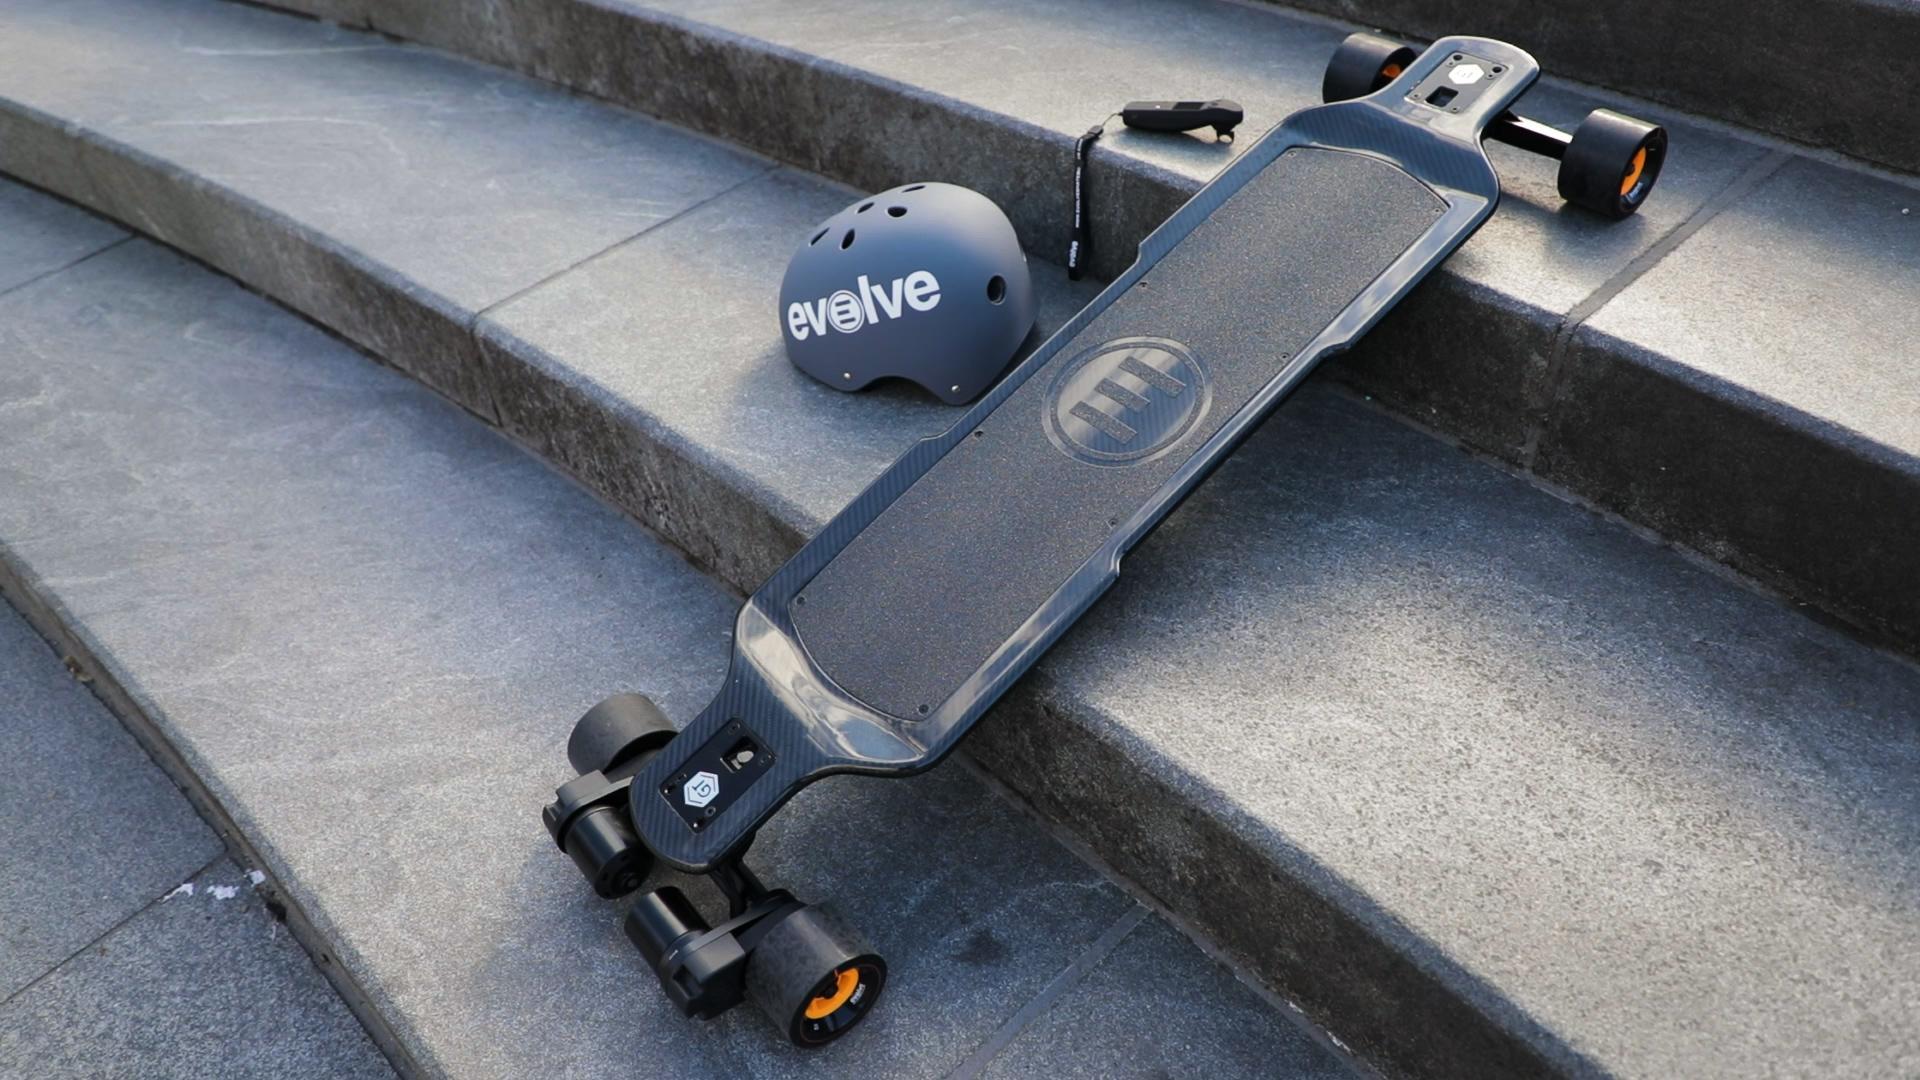 Evolve's electric skateboard